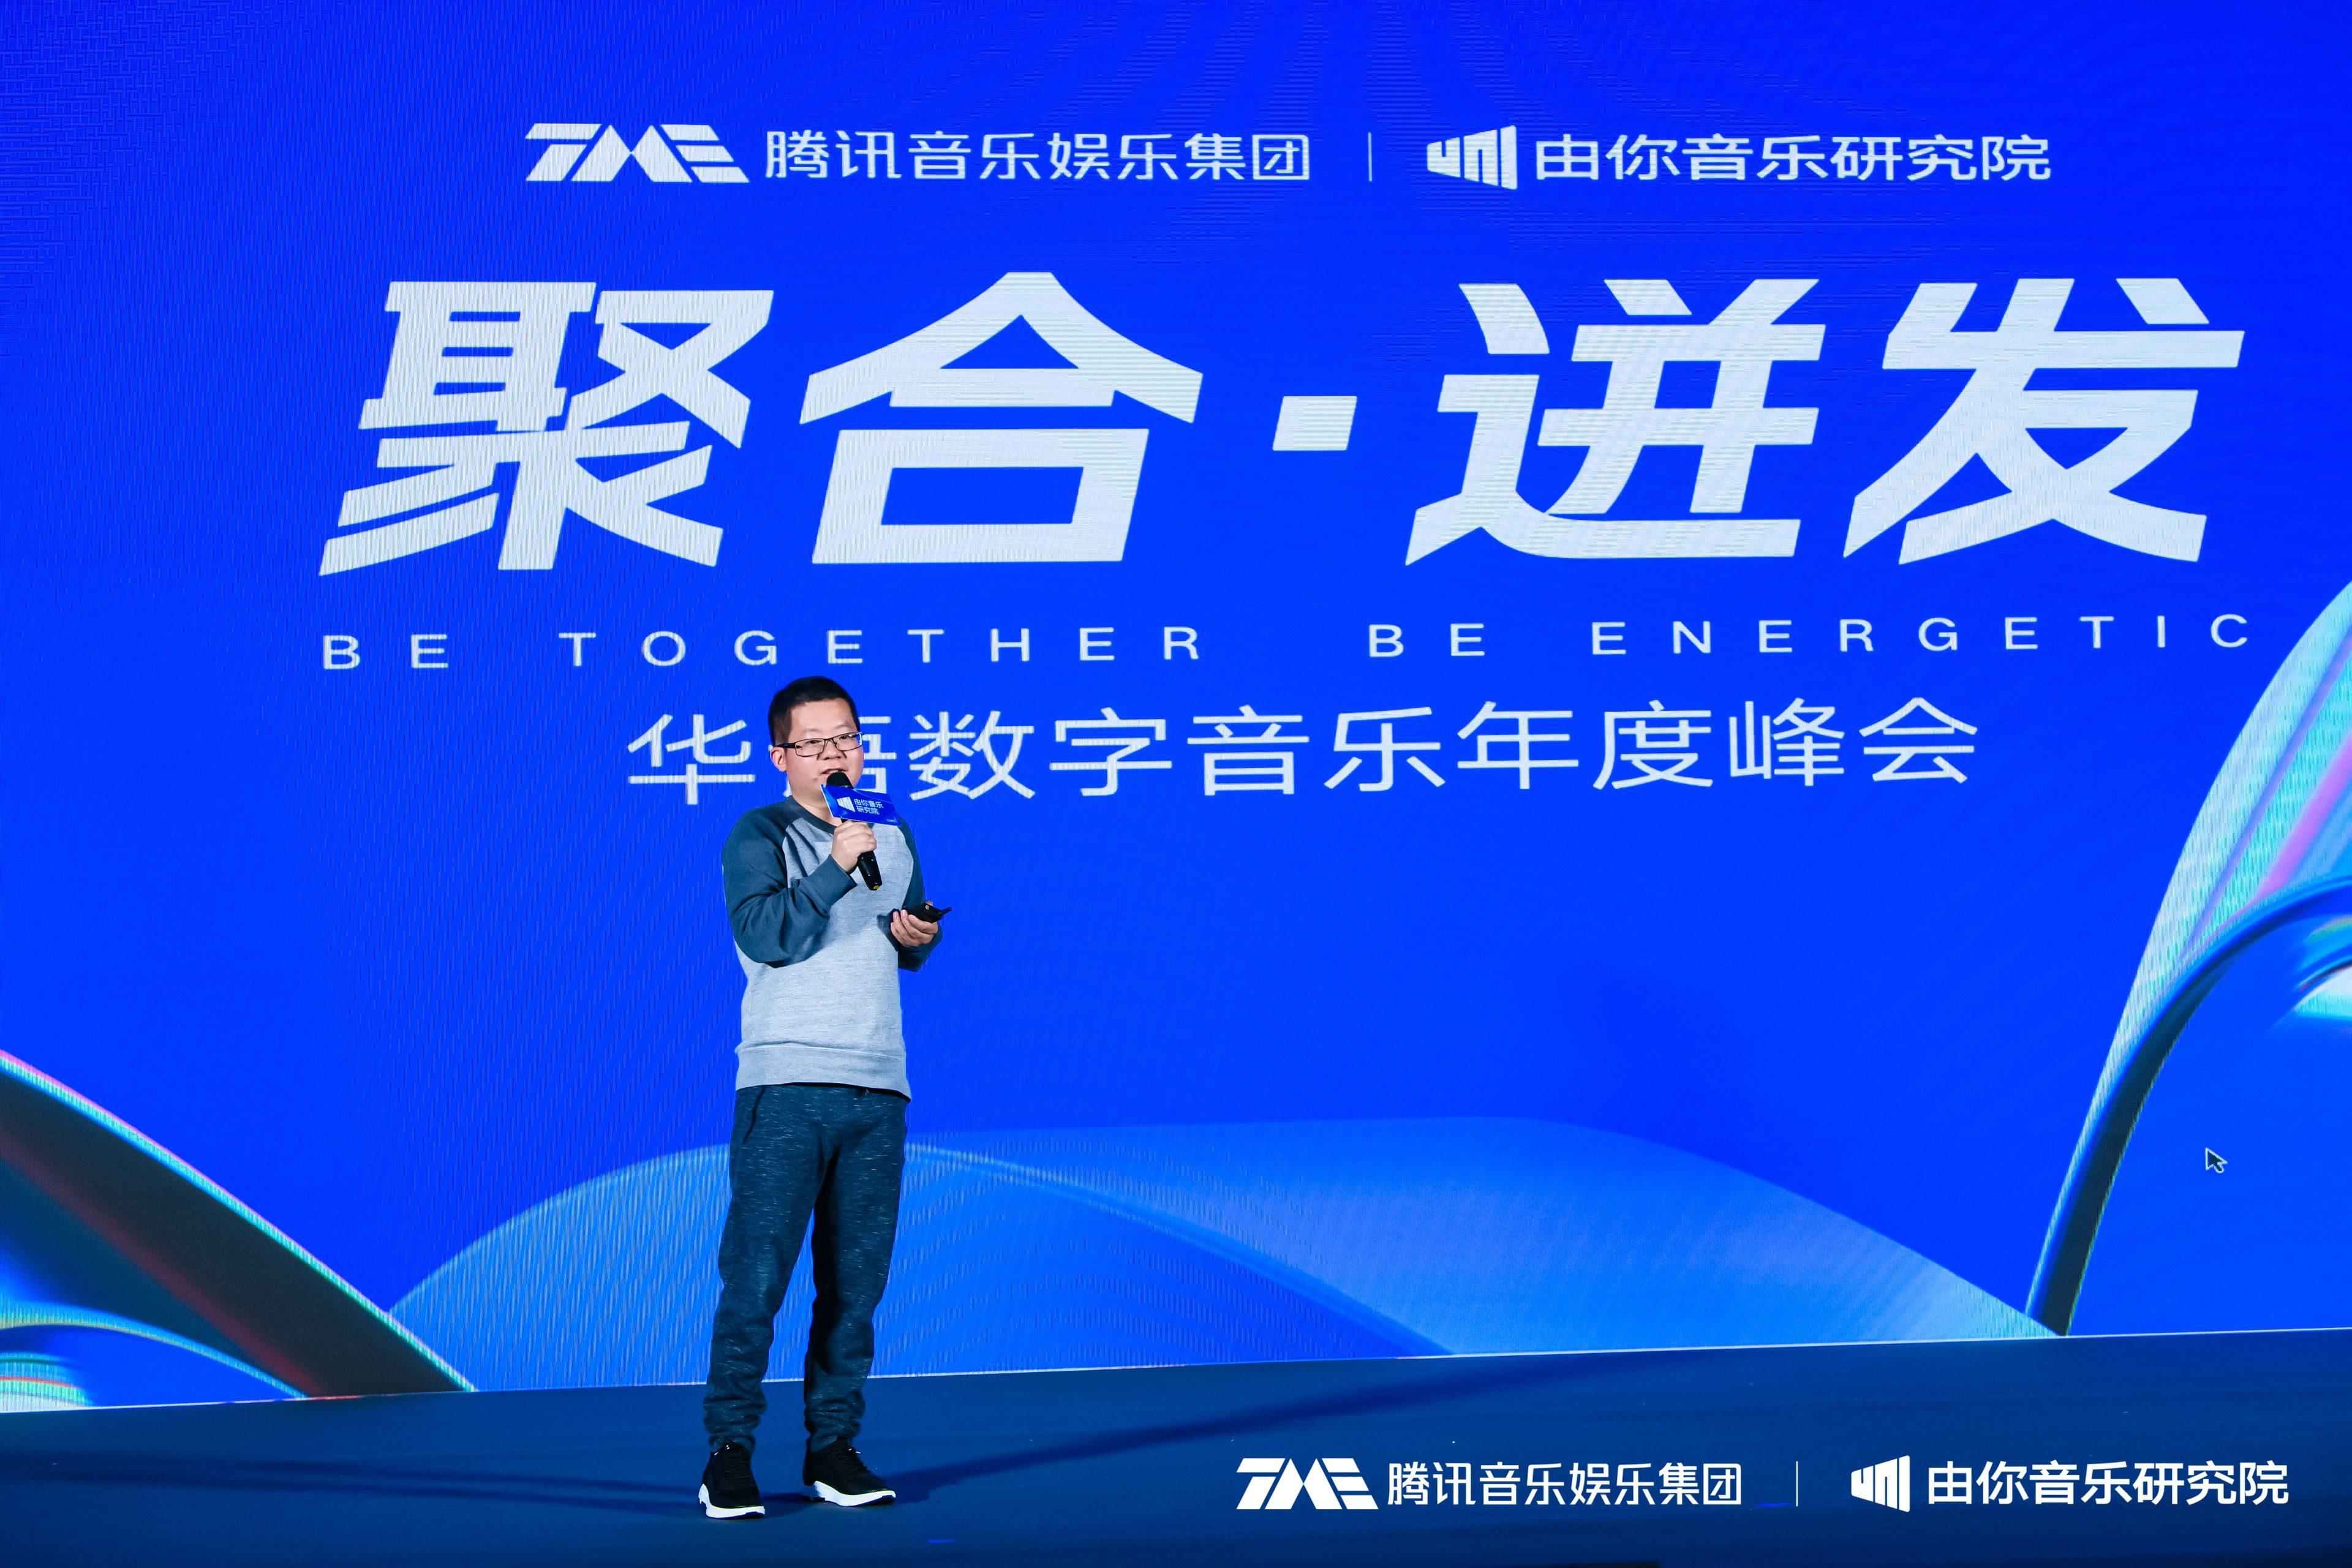 猫眼副总裁张乐:分众化、下沉化与多元化为演